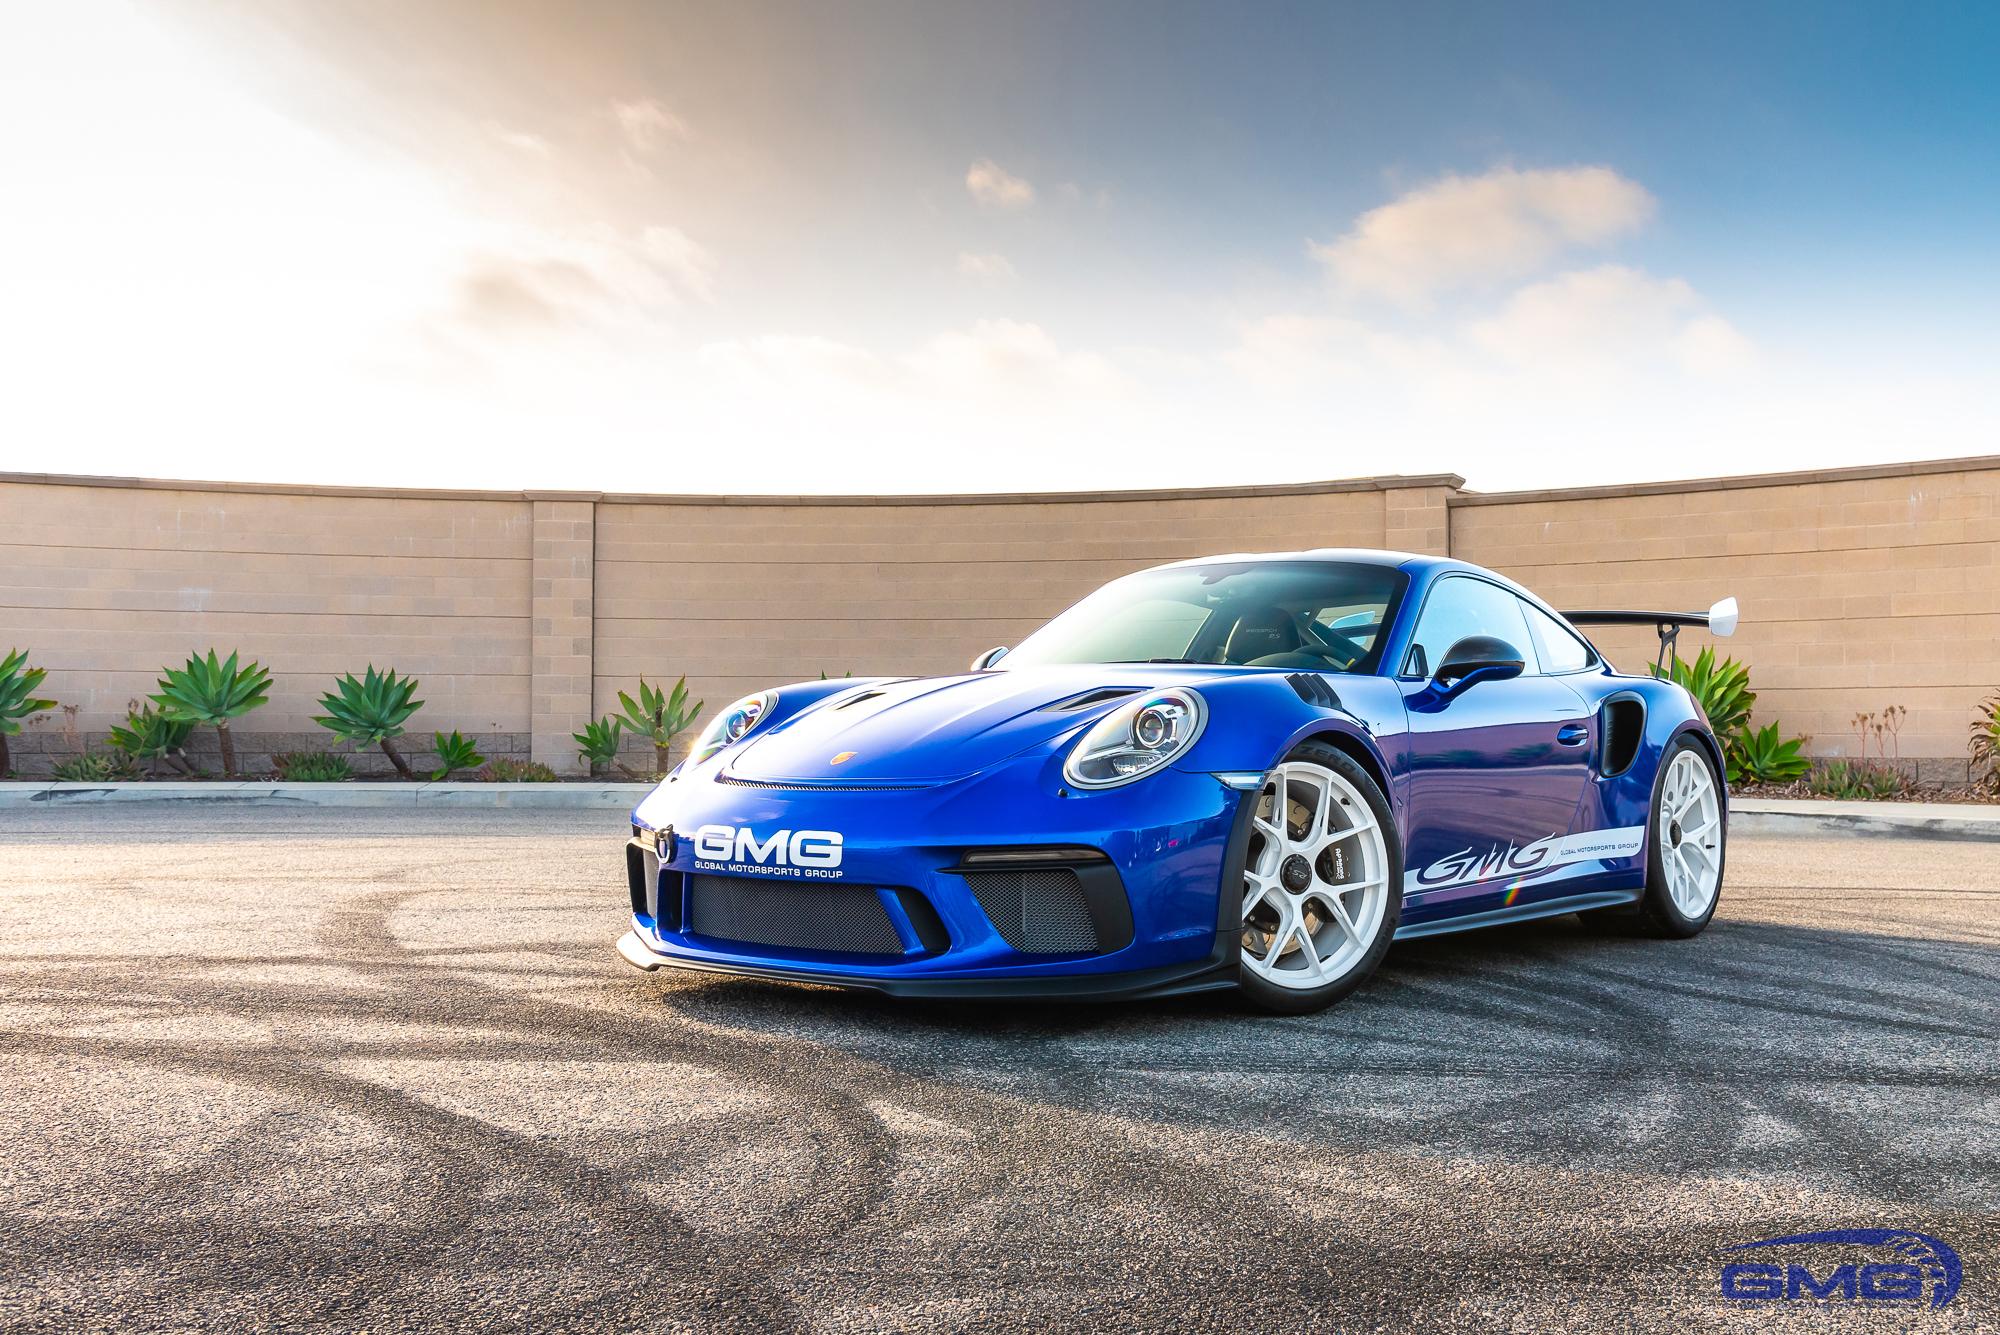 GMG Porsche 991.2 GT3 RS